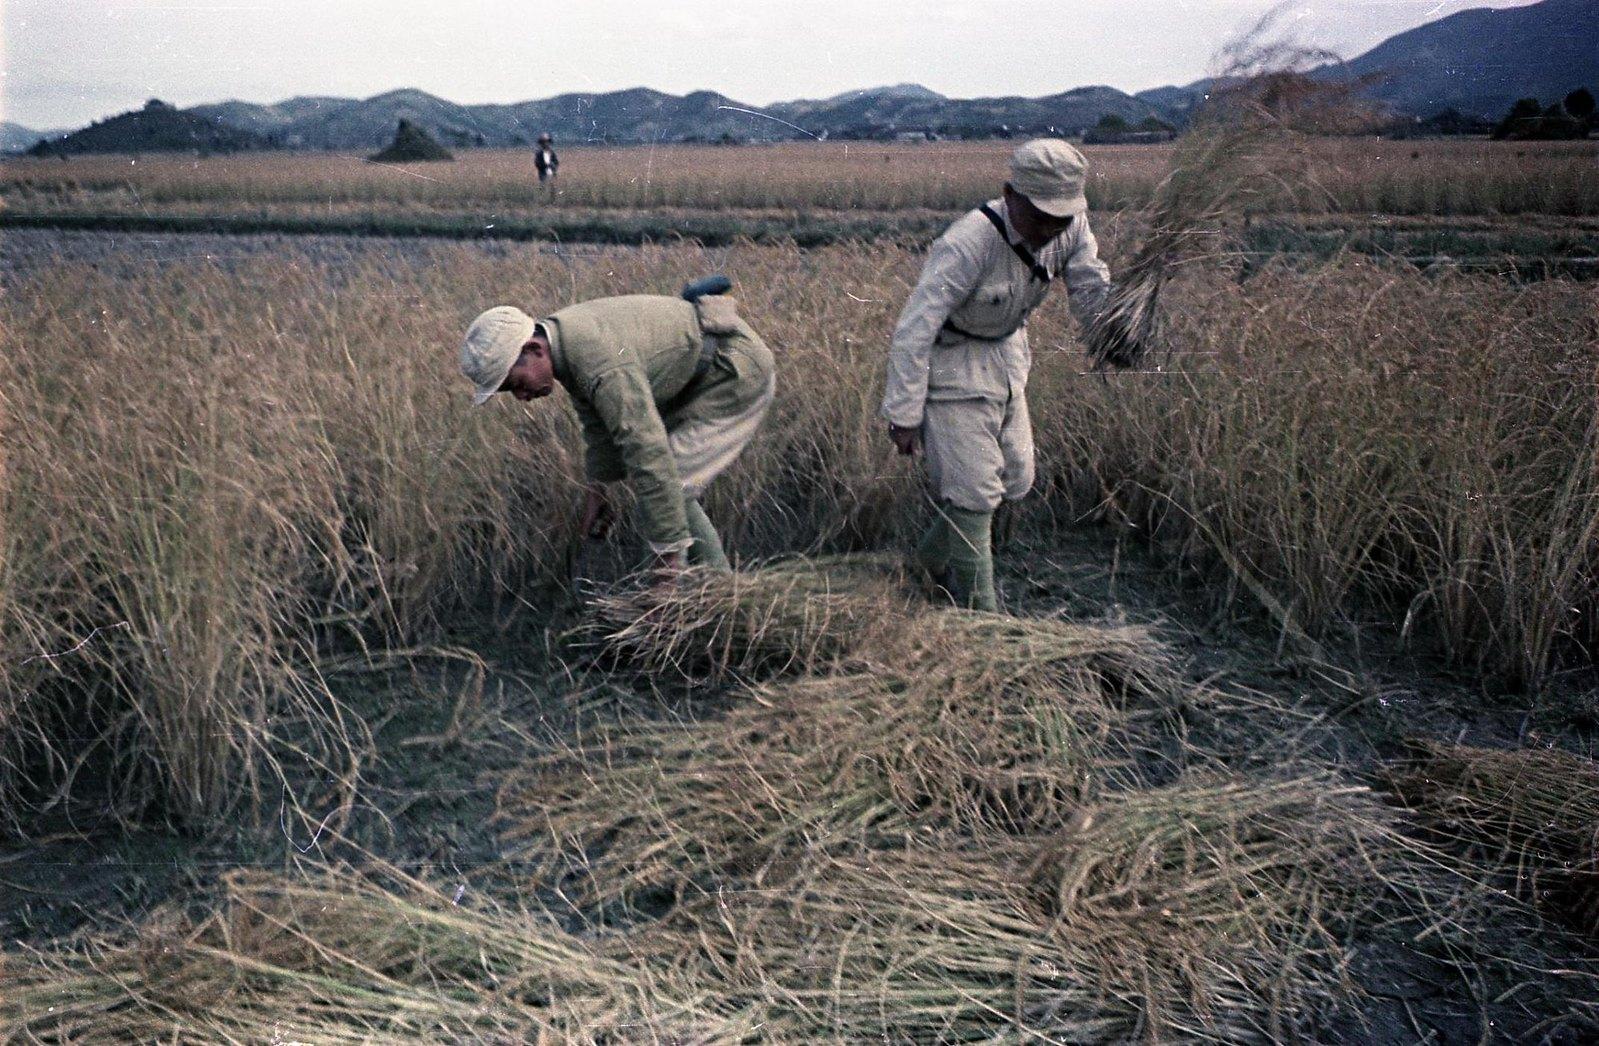 1949. Юго-Восточный фронт. Бойцы Народно-освободительной армии Китая помогают населению. Уборка риса